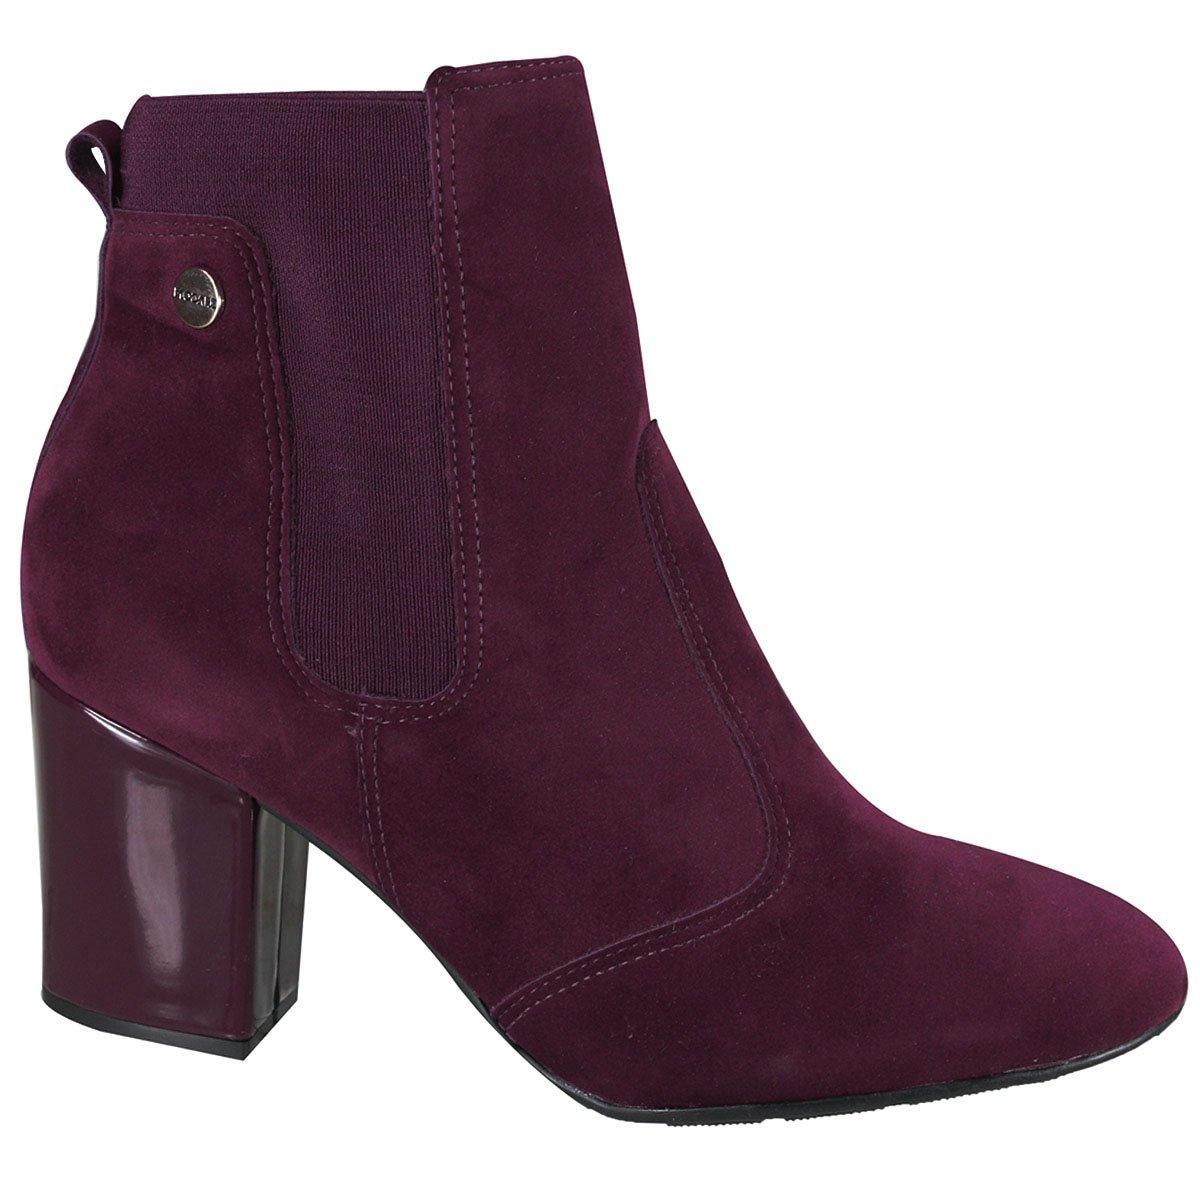 fdf2feae4031a Amplie a imagem. Bota Modare Ultraconforto Ankle Boot Feminina; Bota Modare  Ultraconforto ...